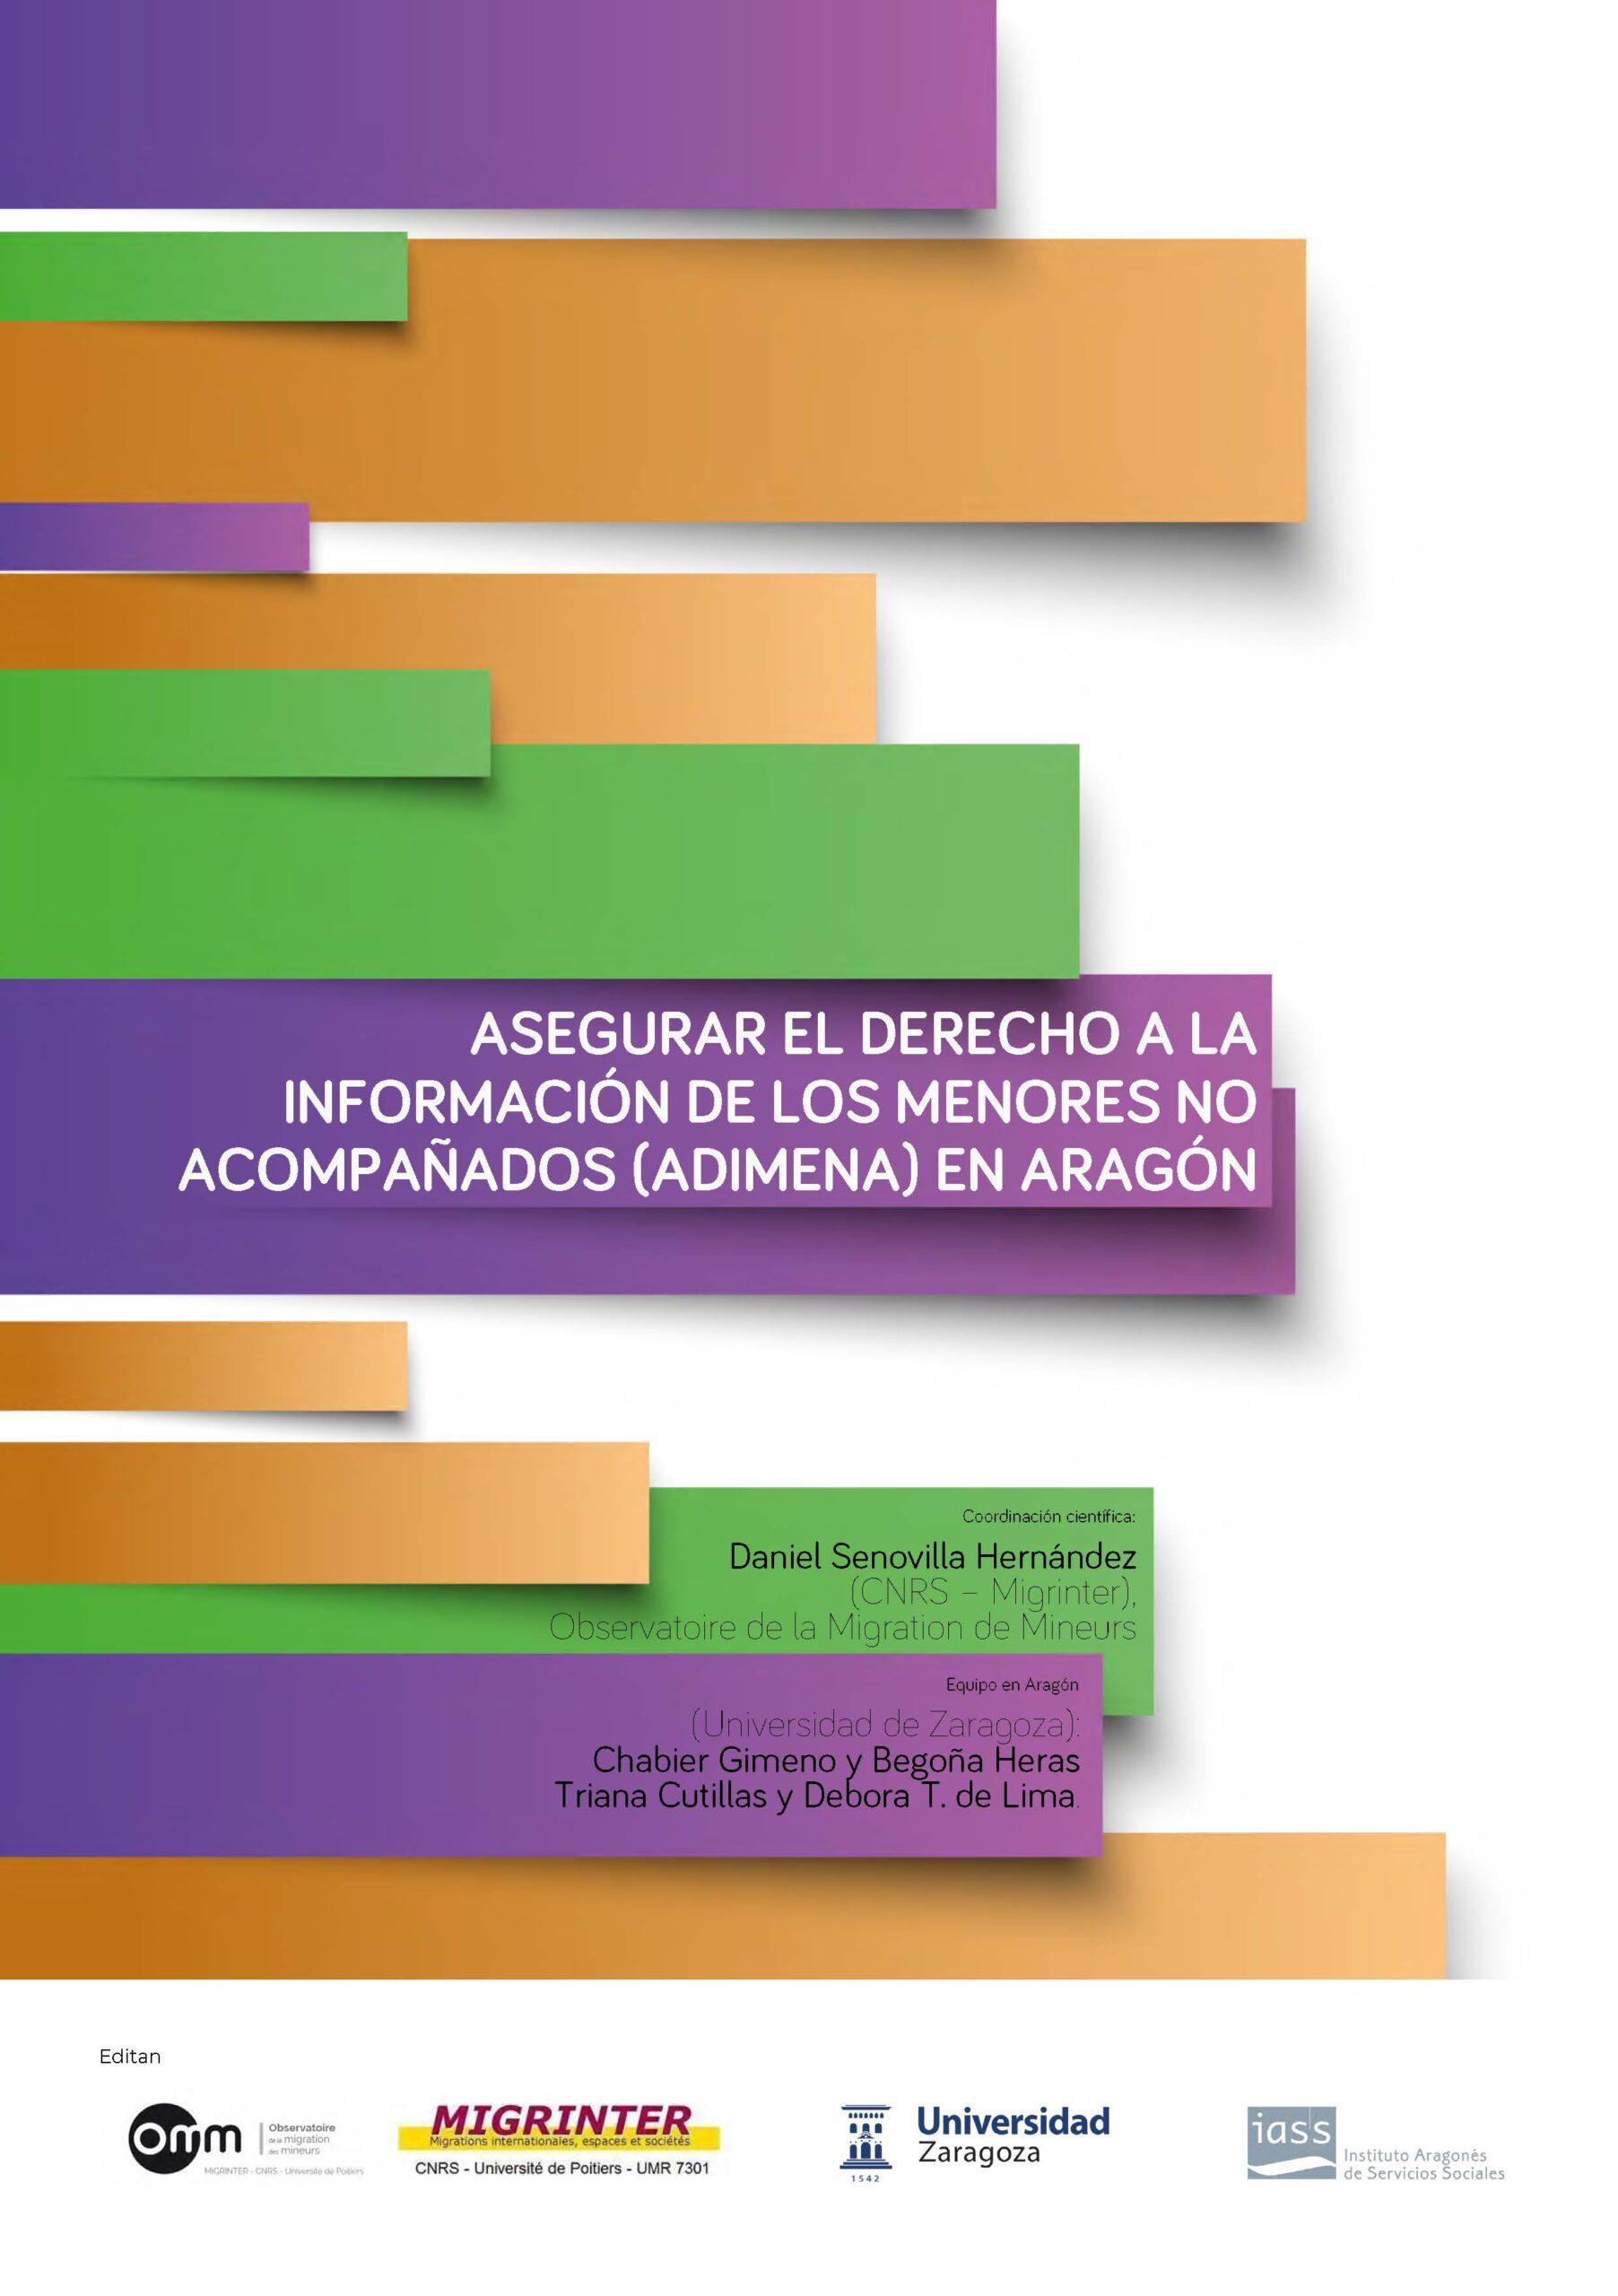 Informe del proyecto «asegurar el Derecho a la Informacion de los Menores No Acompañados» (ADIMENA) en Aragon, Espagne.